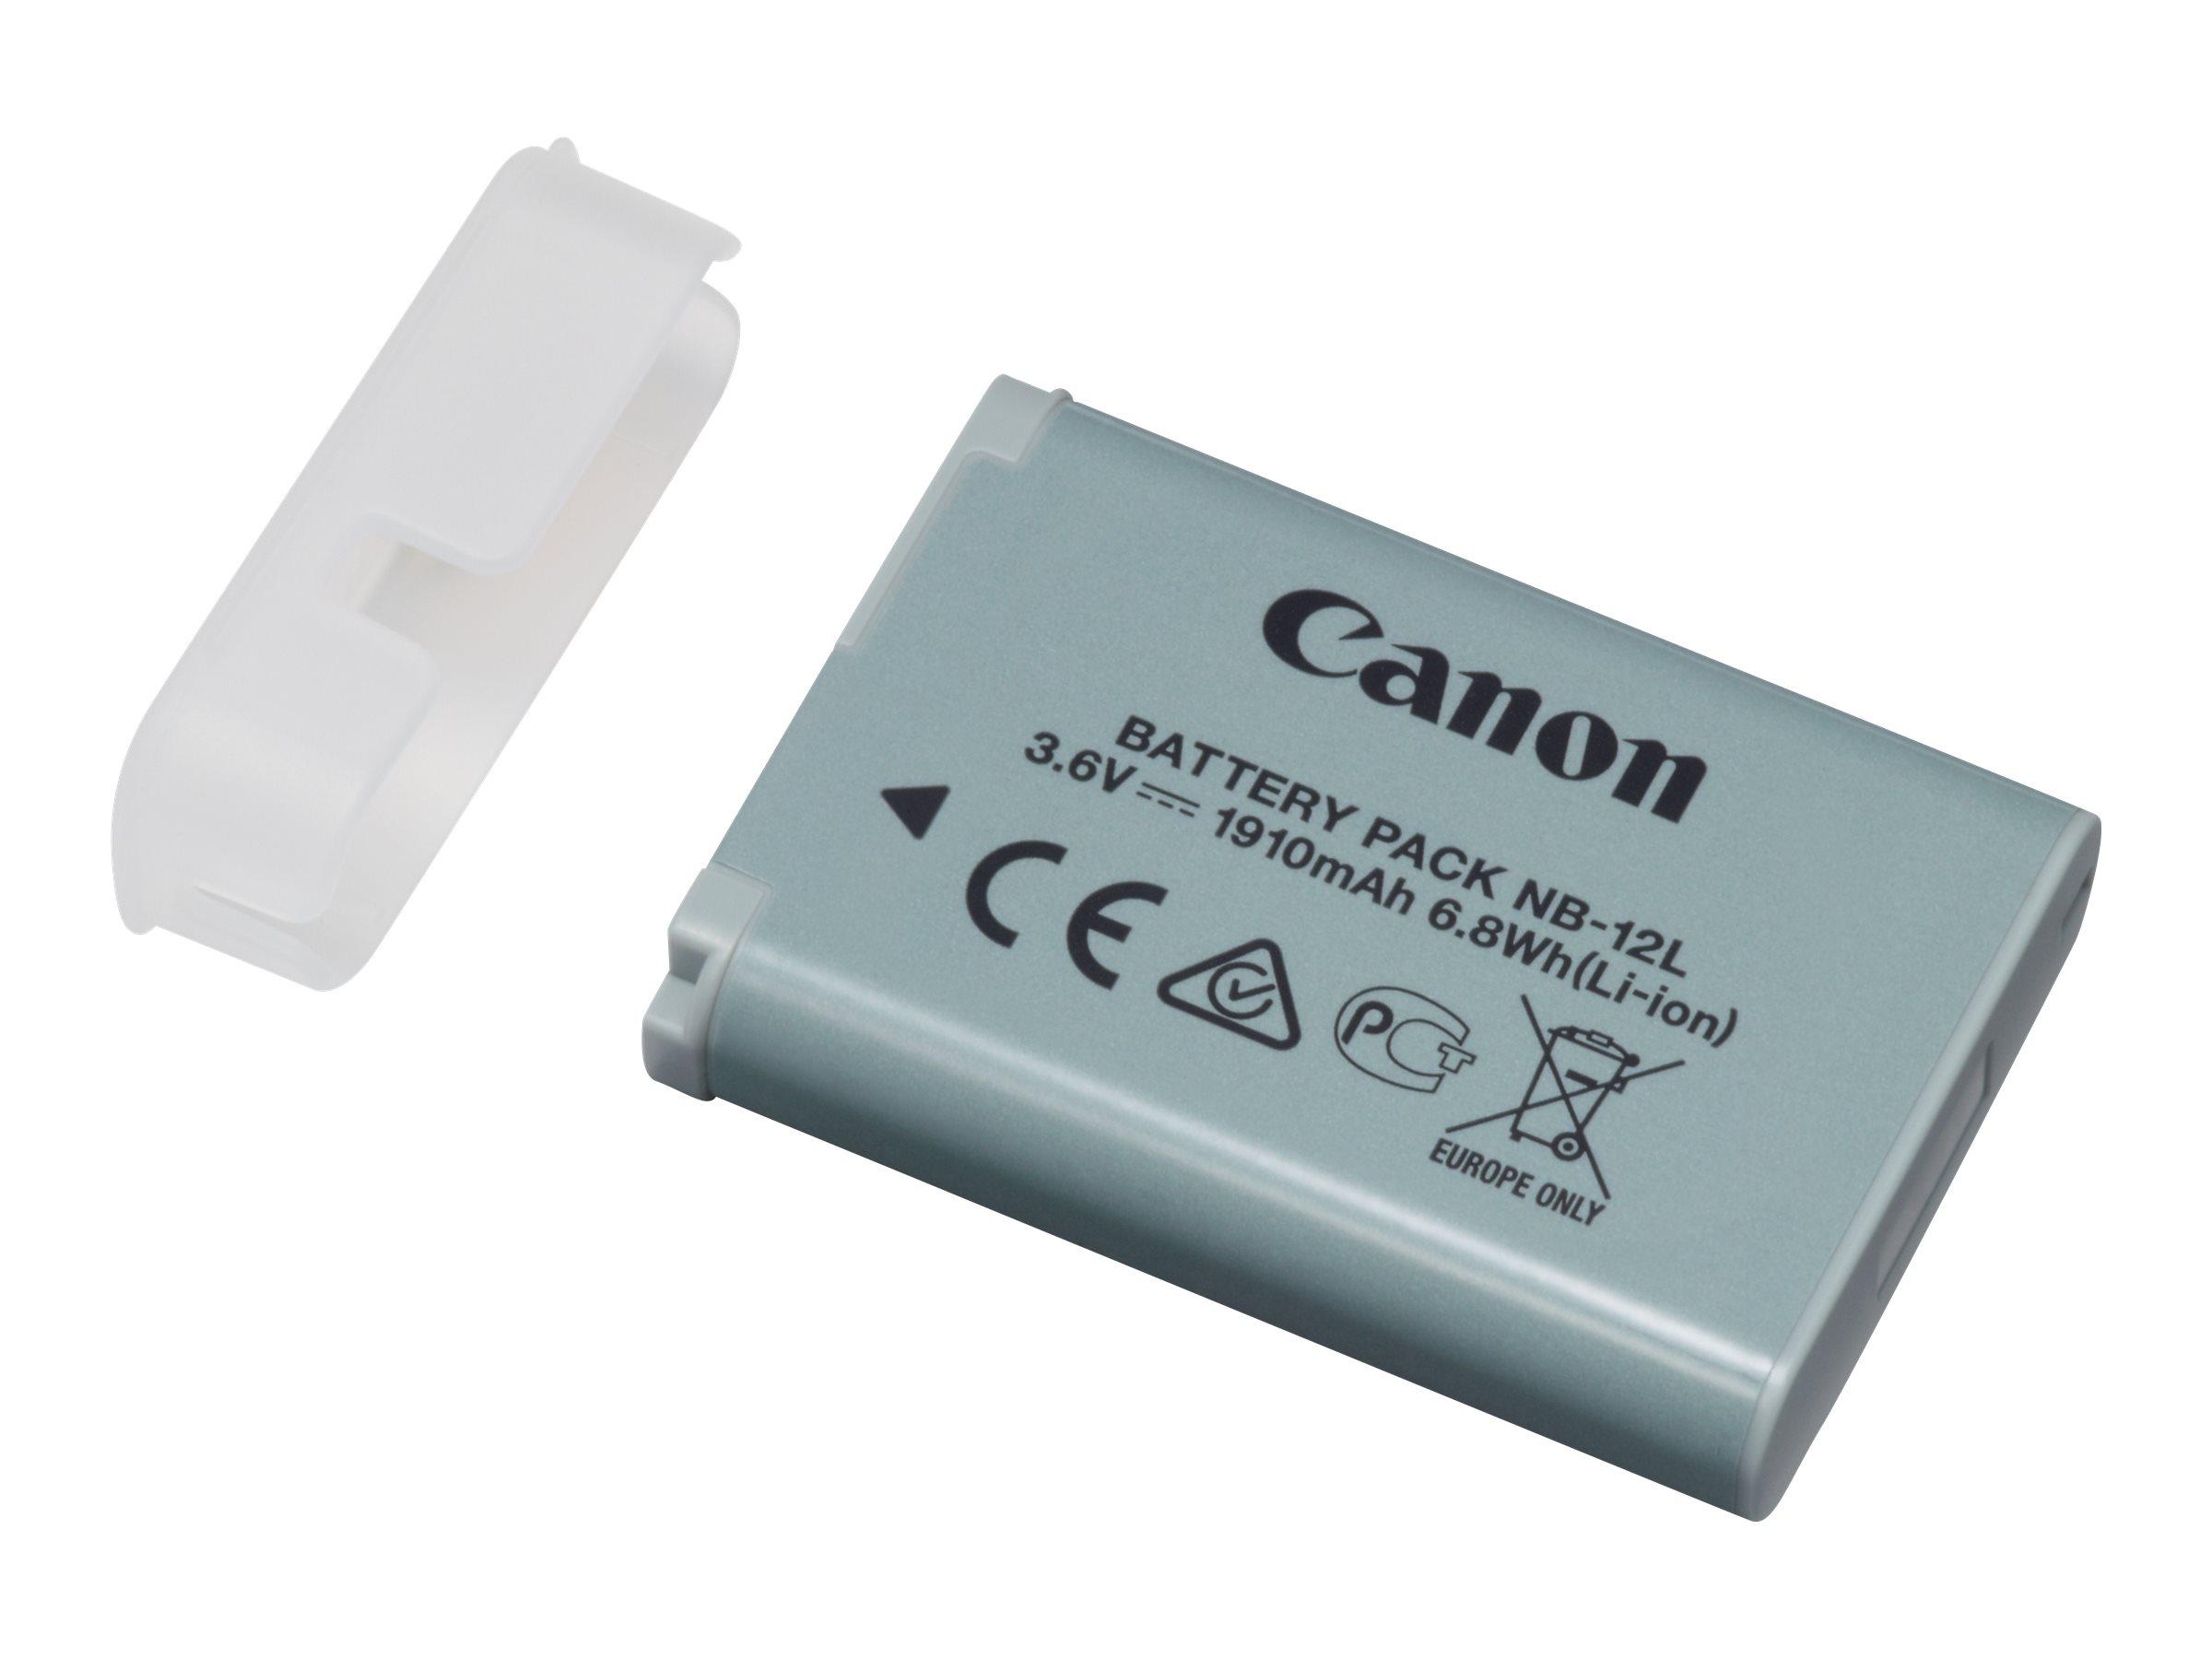 Canon NB-12L - Batterie - Li-Ion - 1910 mAh - für iVIS mini X; LEGRIA mini X; PowerShot G1 X Mark II, N100; VIXIA mini X